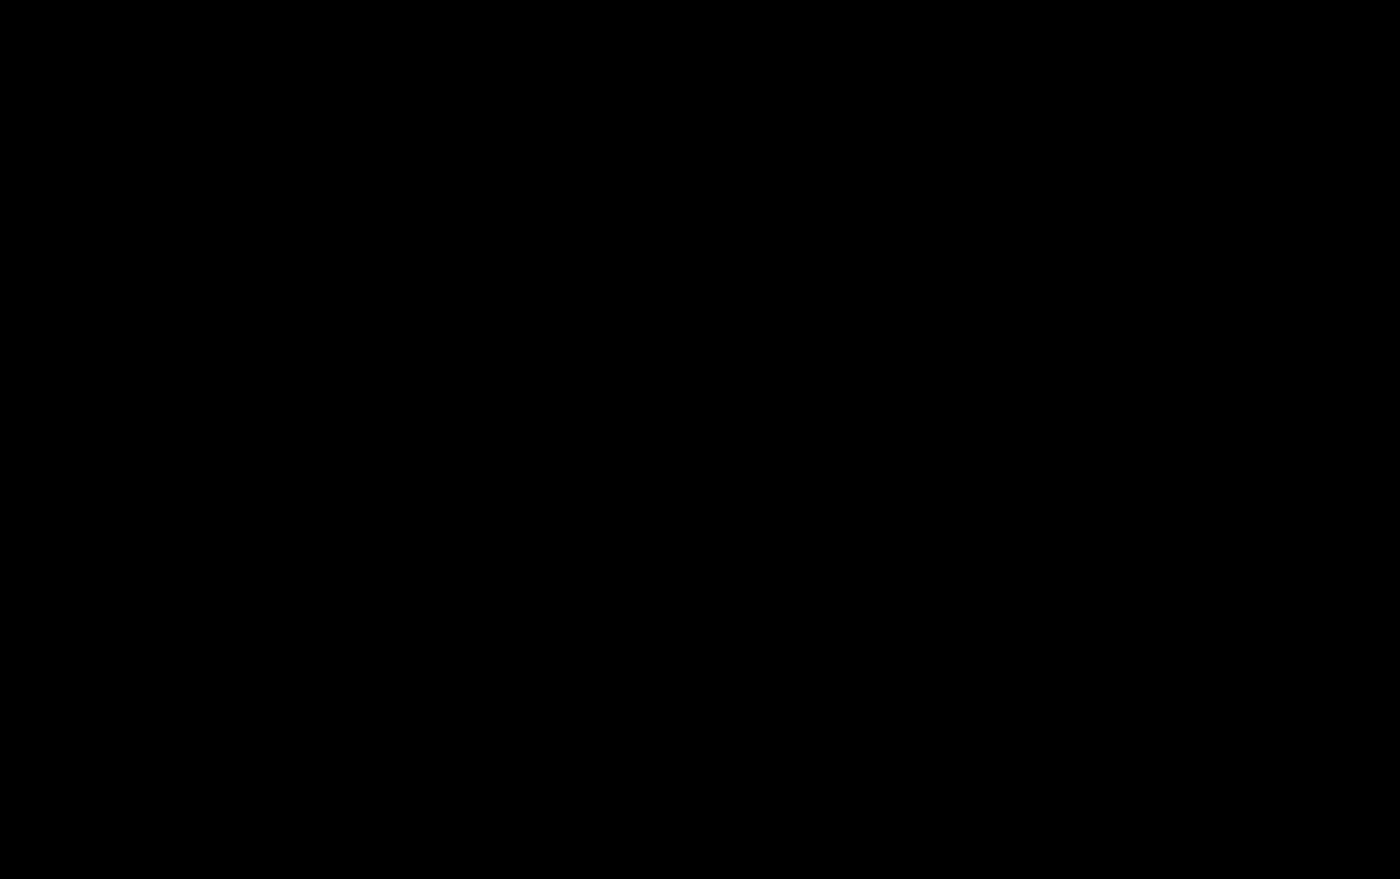 puristisches-kubisches-bauhaus-grundriss-eg